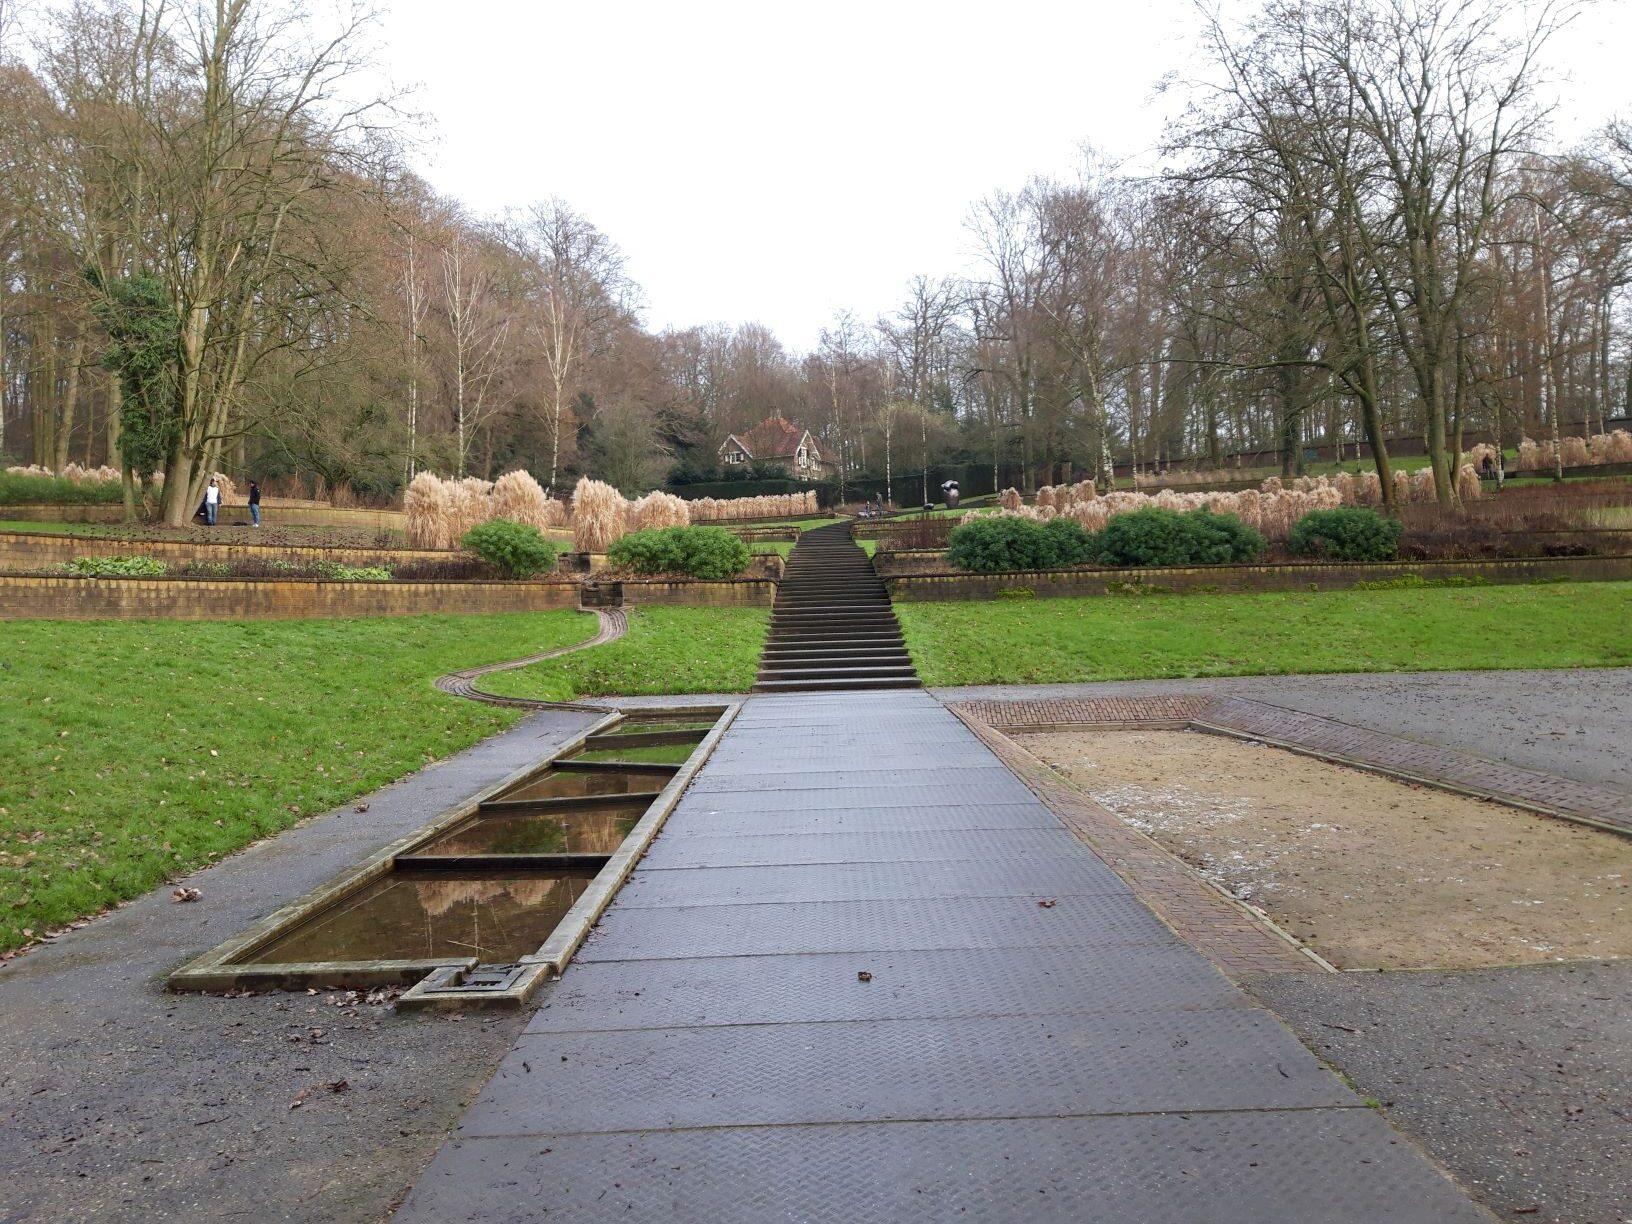 20210110_145421 (2) Arnhem (NL) - Park Sonsbeek - De Steile Tuin - oude moestuin - siergrassen - plantbedden in terrassen